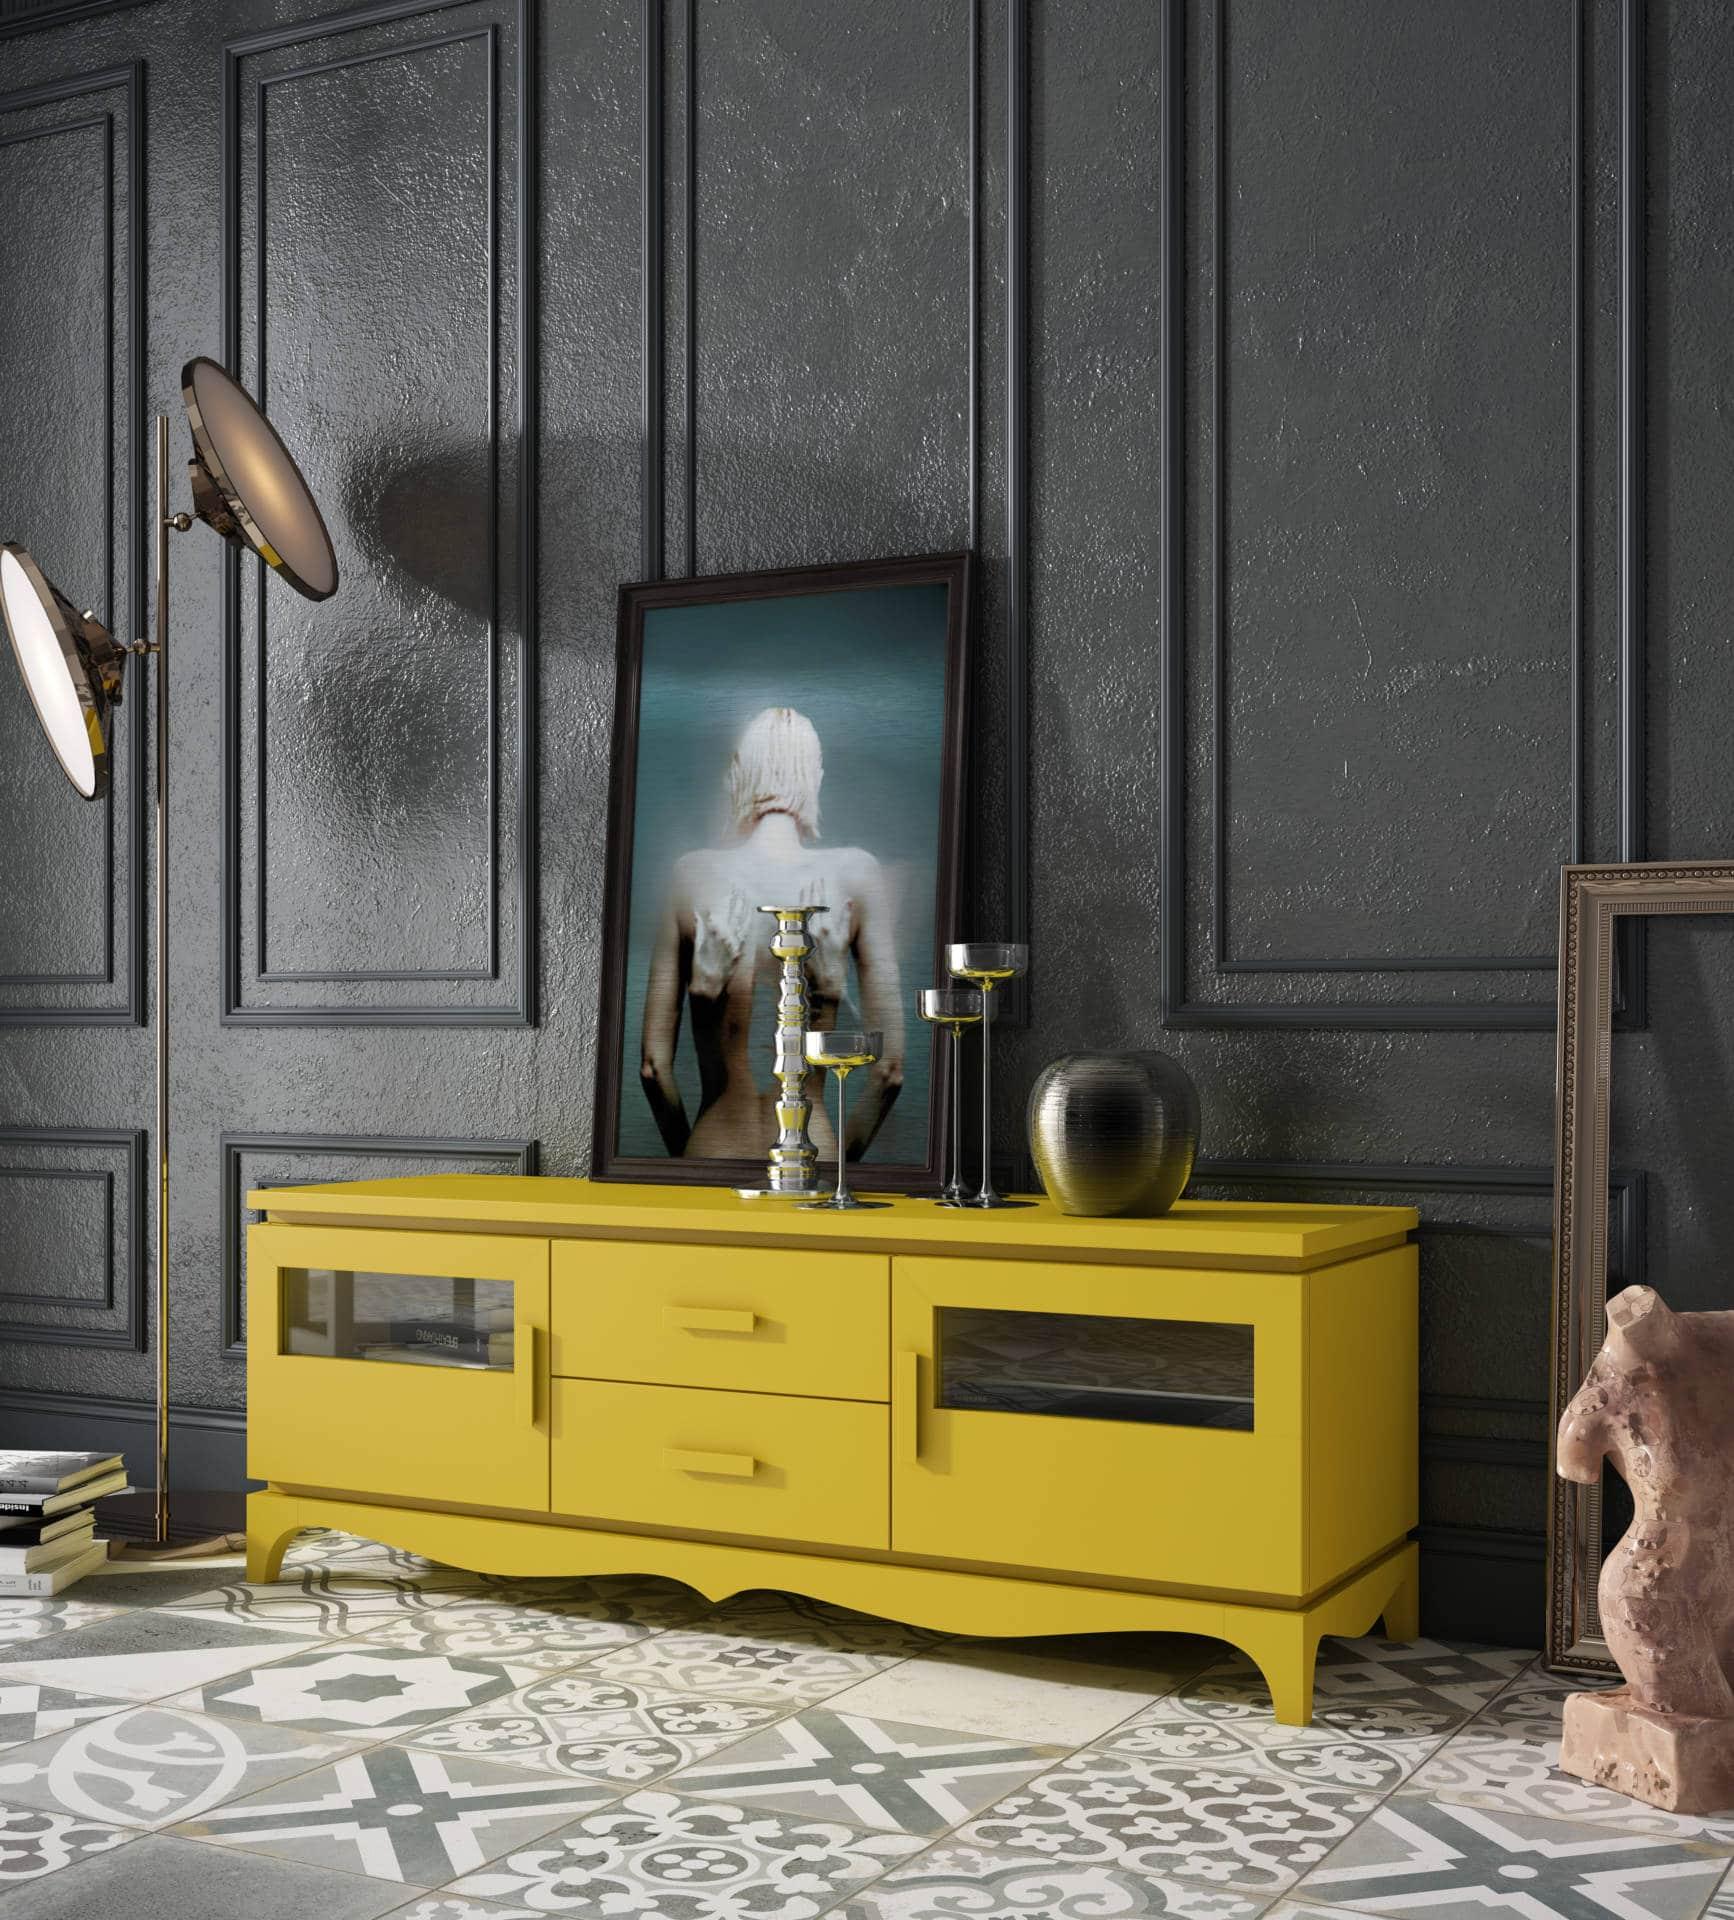 Muebles de sal n r sticos en zaragoza r stica ambientes for Muebles rusticos para salon